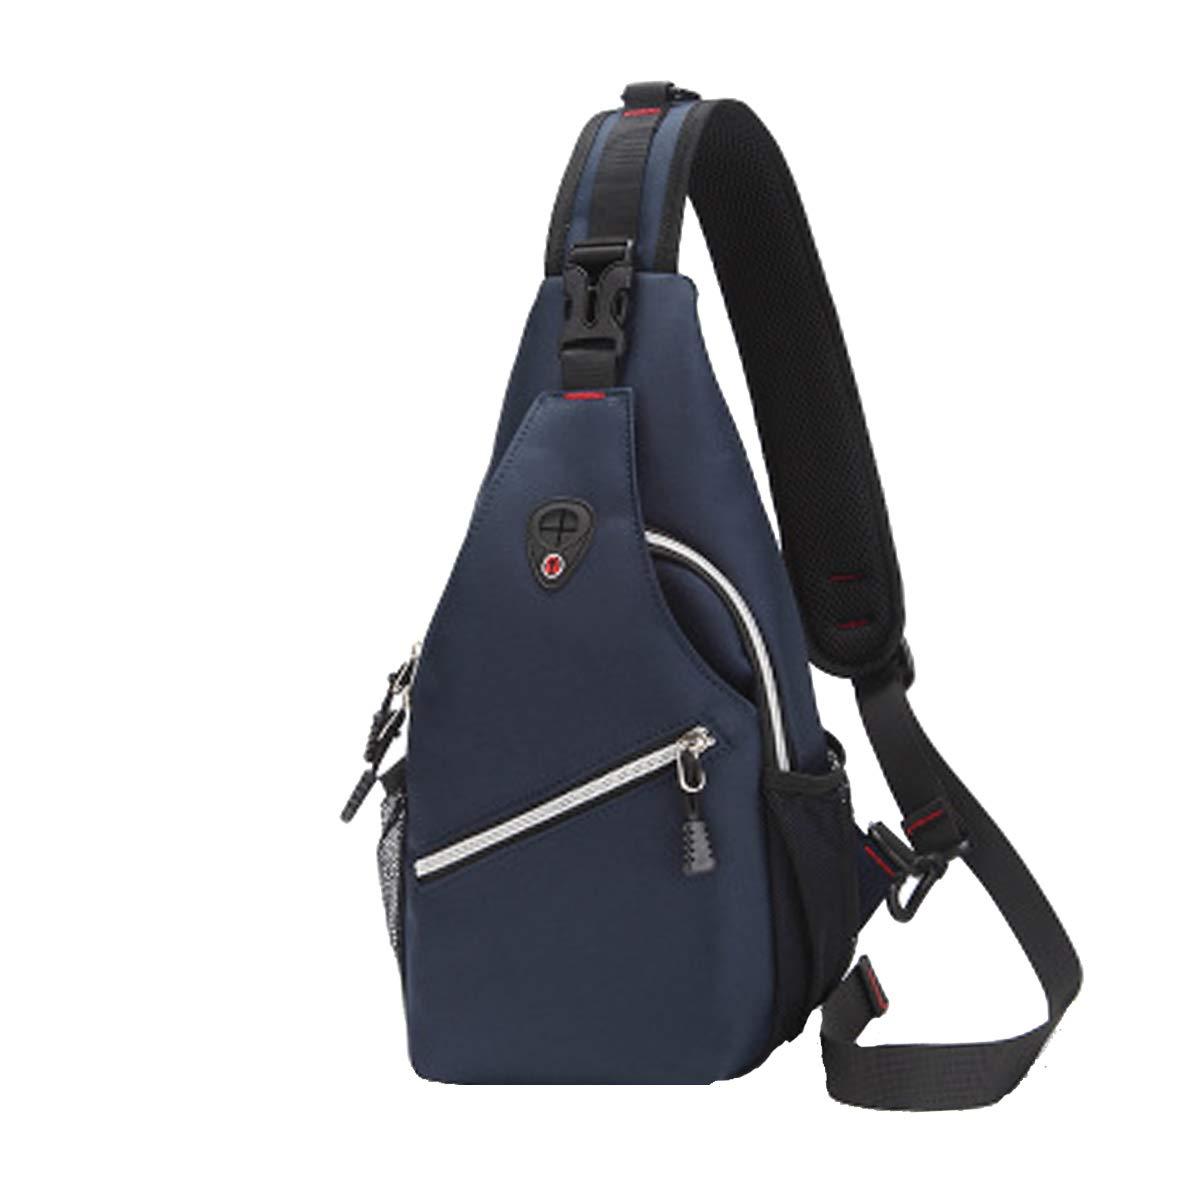 Sac de Poitrine Sling Poitrine Homme Femme Imperm/éable Sacoche /à Bandouliere Sacs a Dos Port/é /épaule Multipurpose Chest Bag Daypacks Homme Sac de Poitrine Bleu